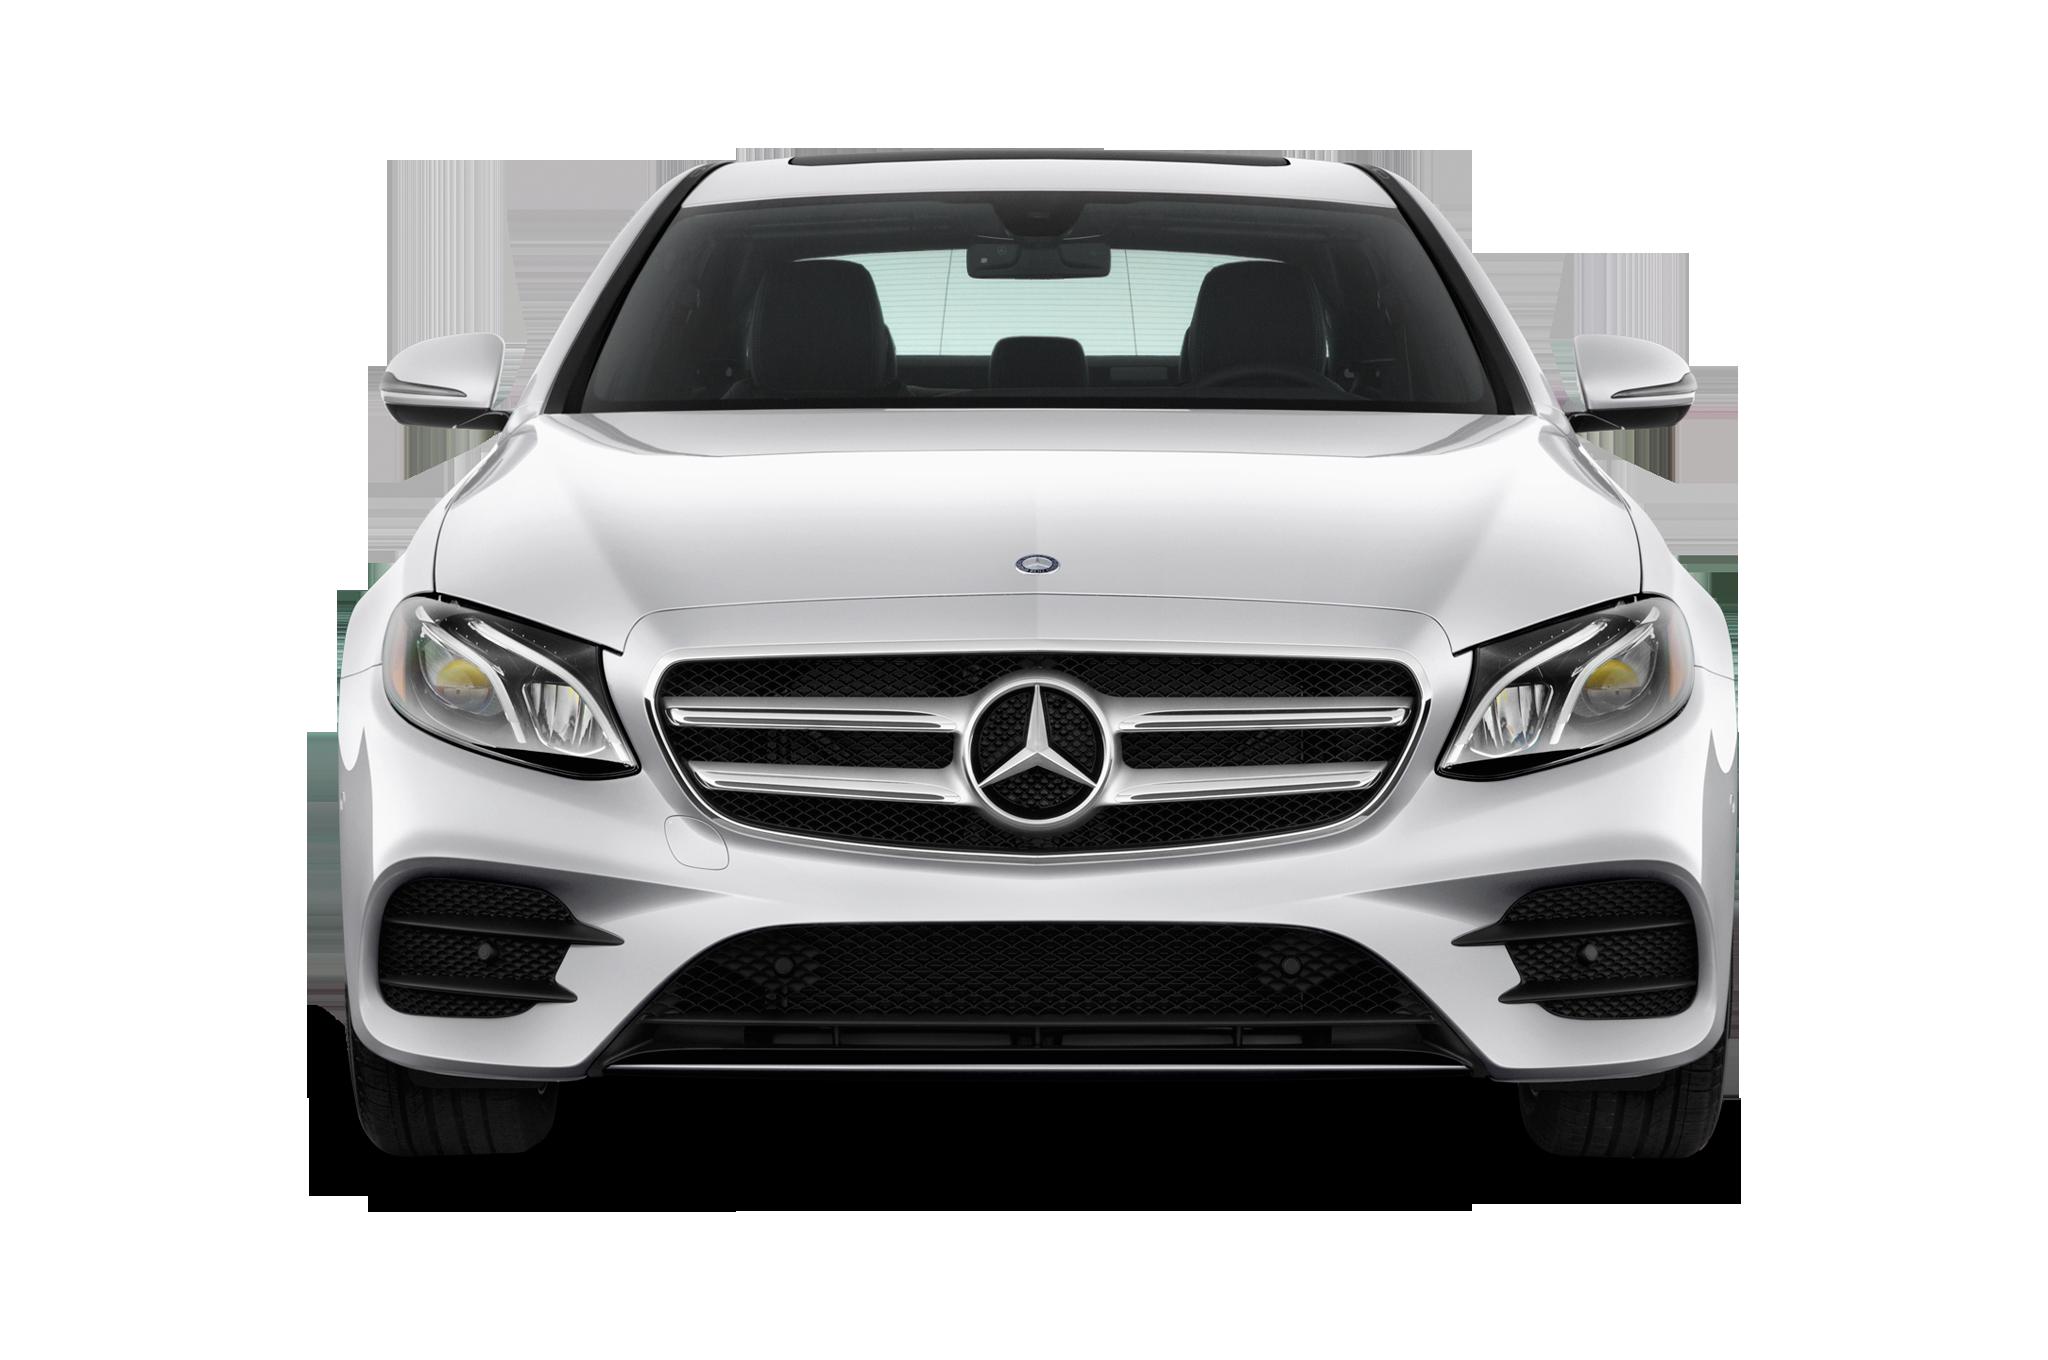 Mercedes e class clipart graphic transparent download 2017 Mercedes-Benz E-Class 2018 Mercedes-Benz E-Class ... graphic transparent download